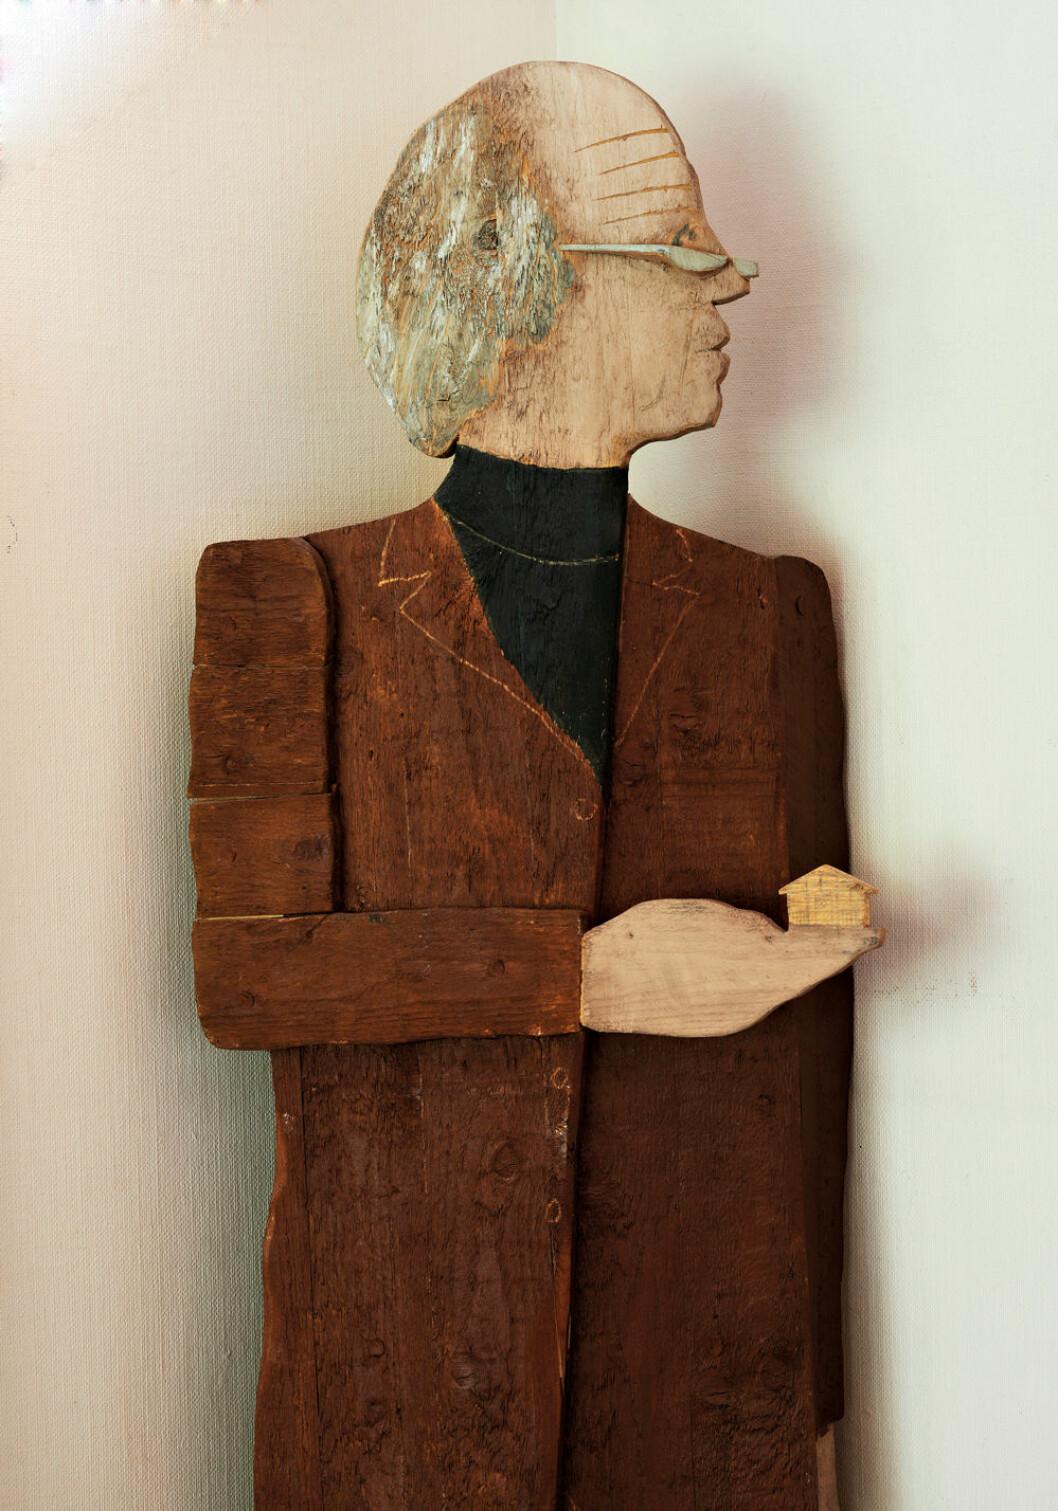 Träfigur av arkitekten Carl Nyrén